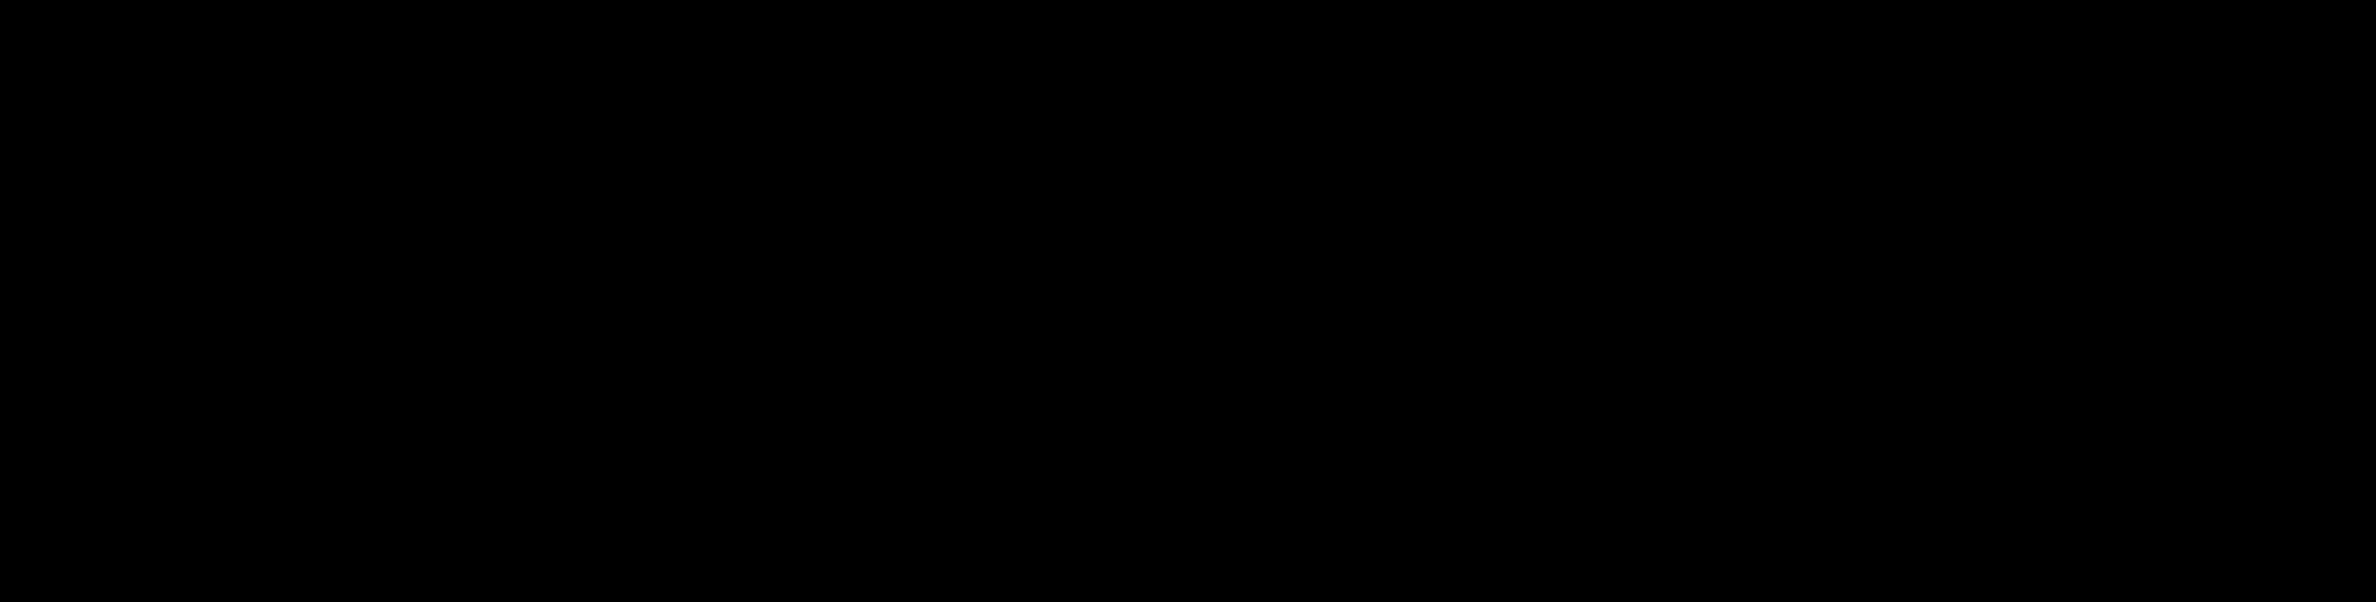 envirotainer-logo-black-and-white